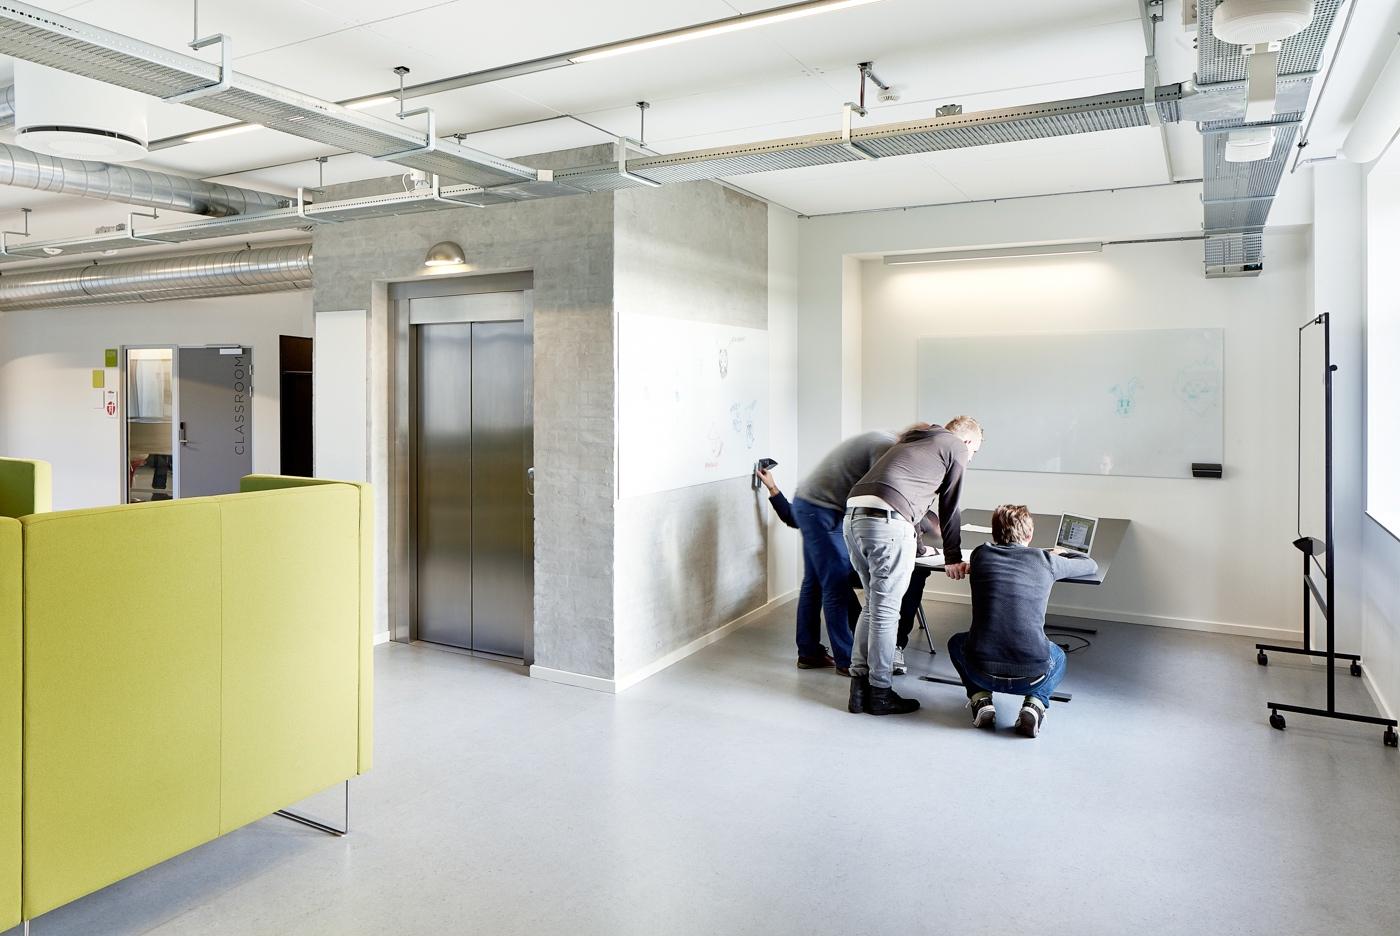 Copenhagen Business Academy (præsentations-/gruppemødefunktion på gangareal)